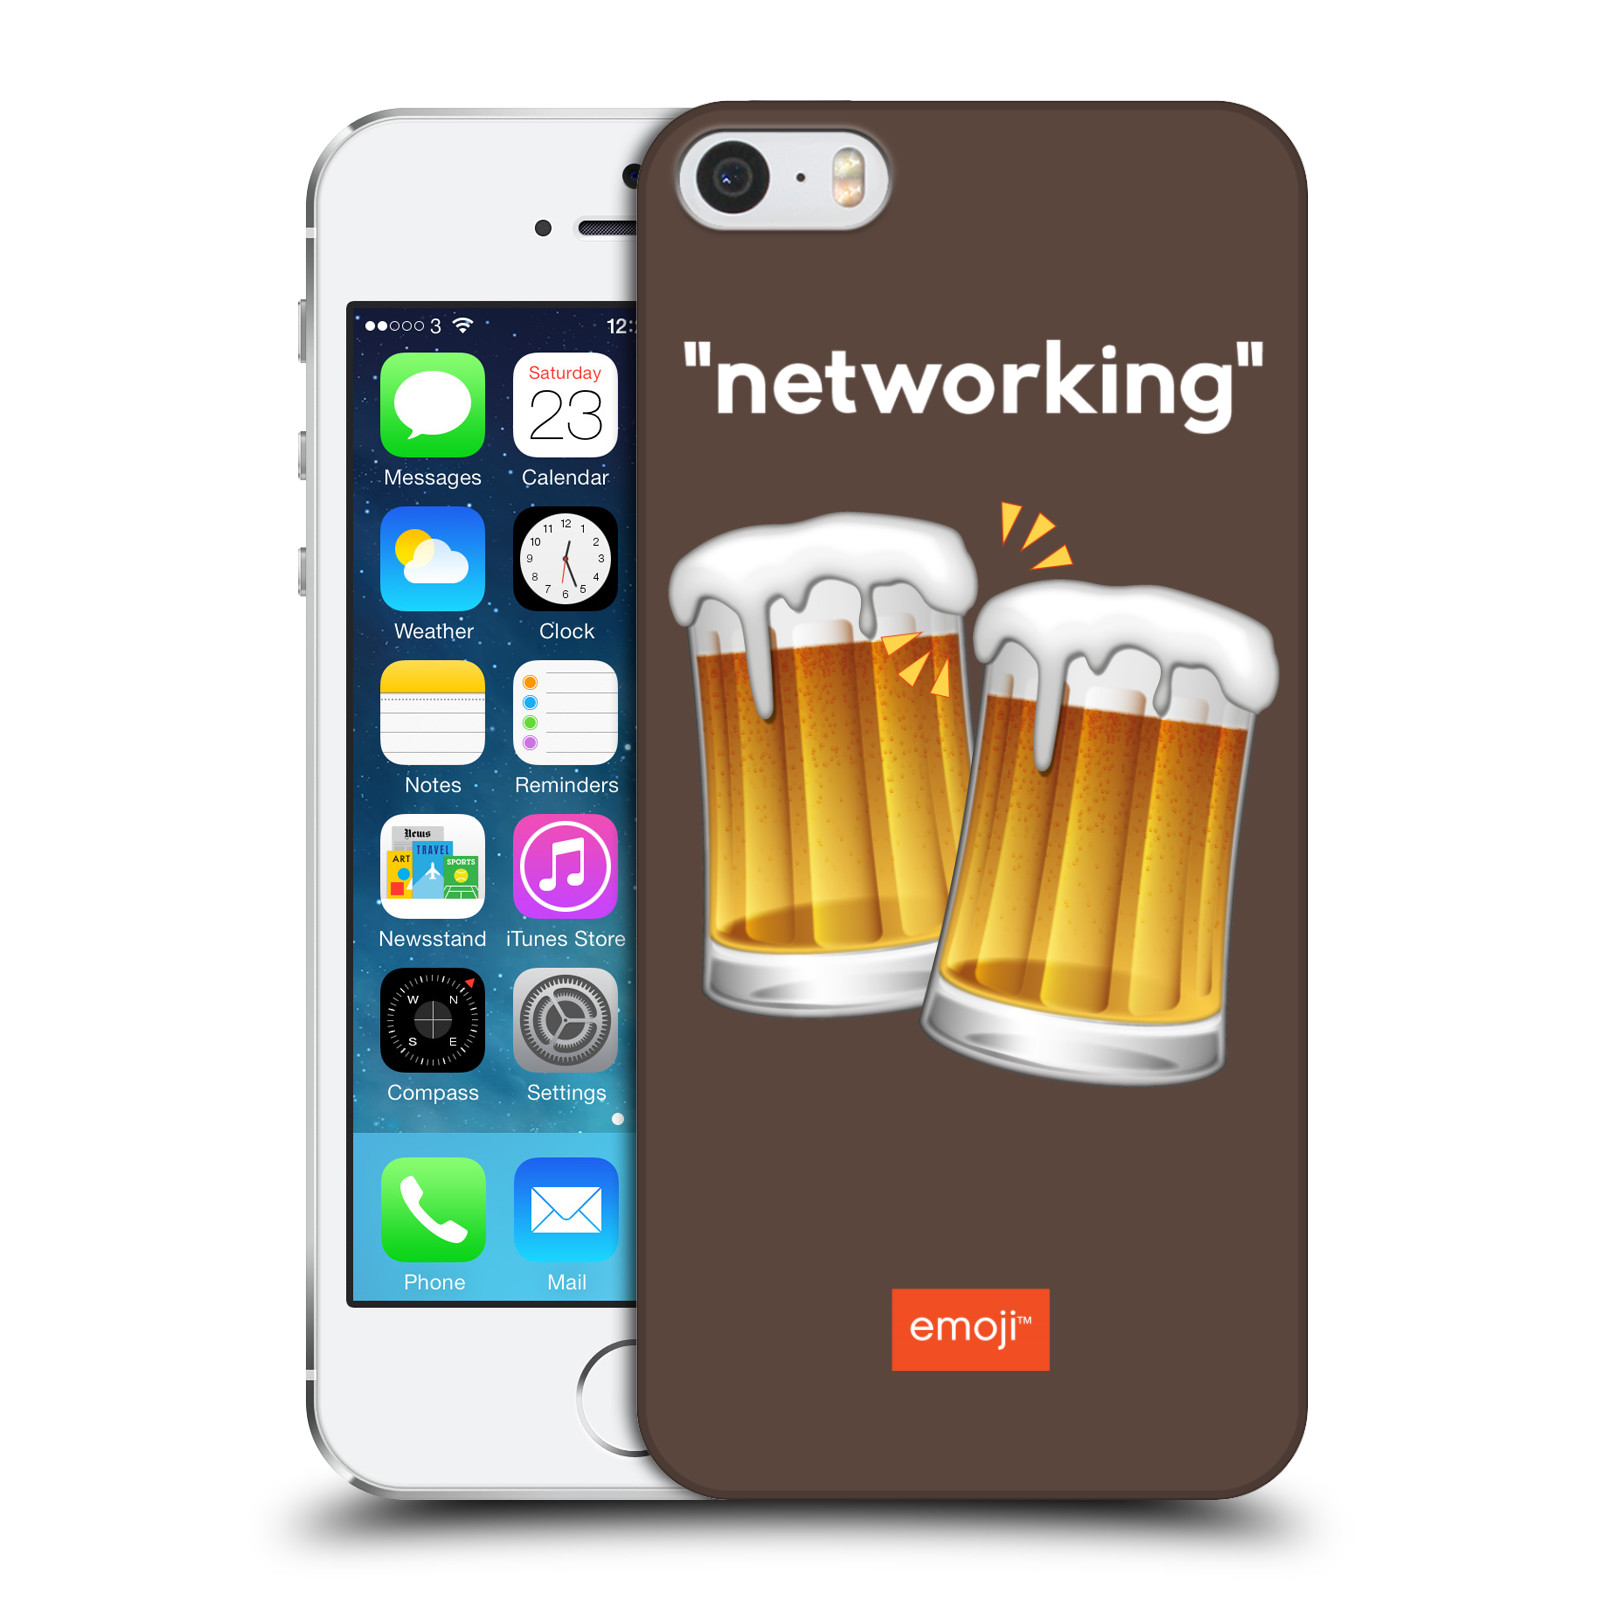 Plastové pouzdro na mobil Apple iPhone 5 a 5S HEAD CASE EMOJI - Pivní networking